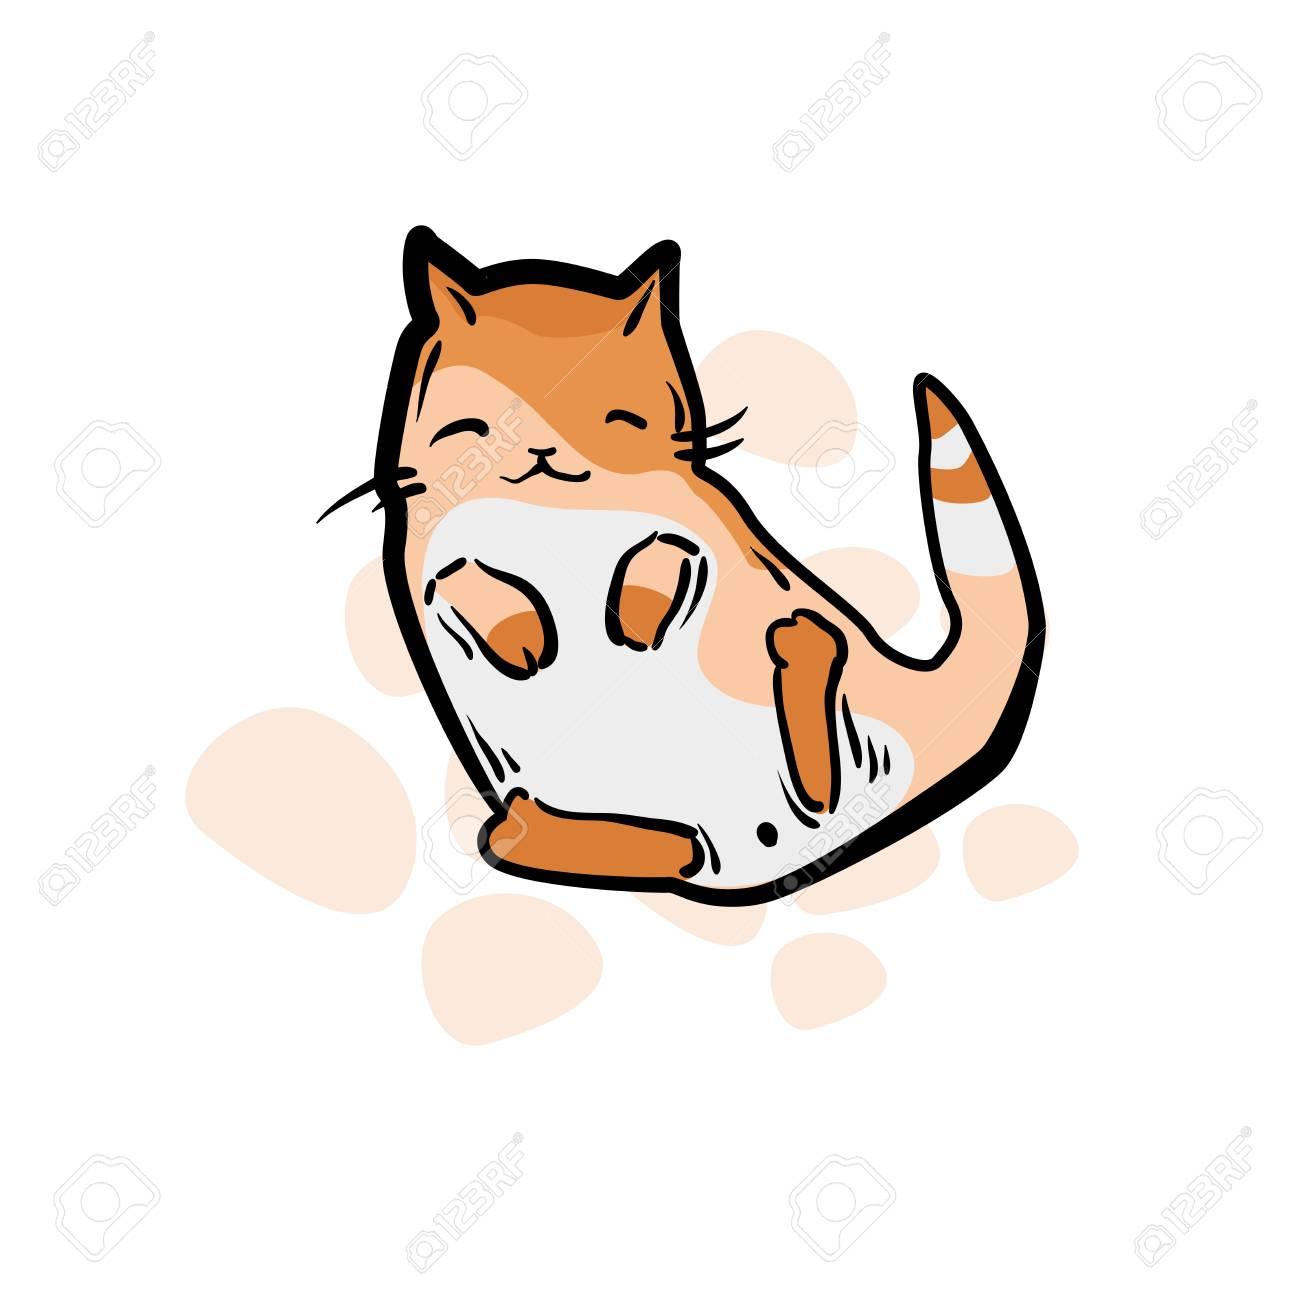 Gato Fofo Em Estilo De Desenho Animado Engracado Ilustracao Do